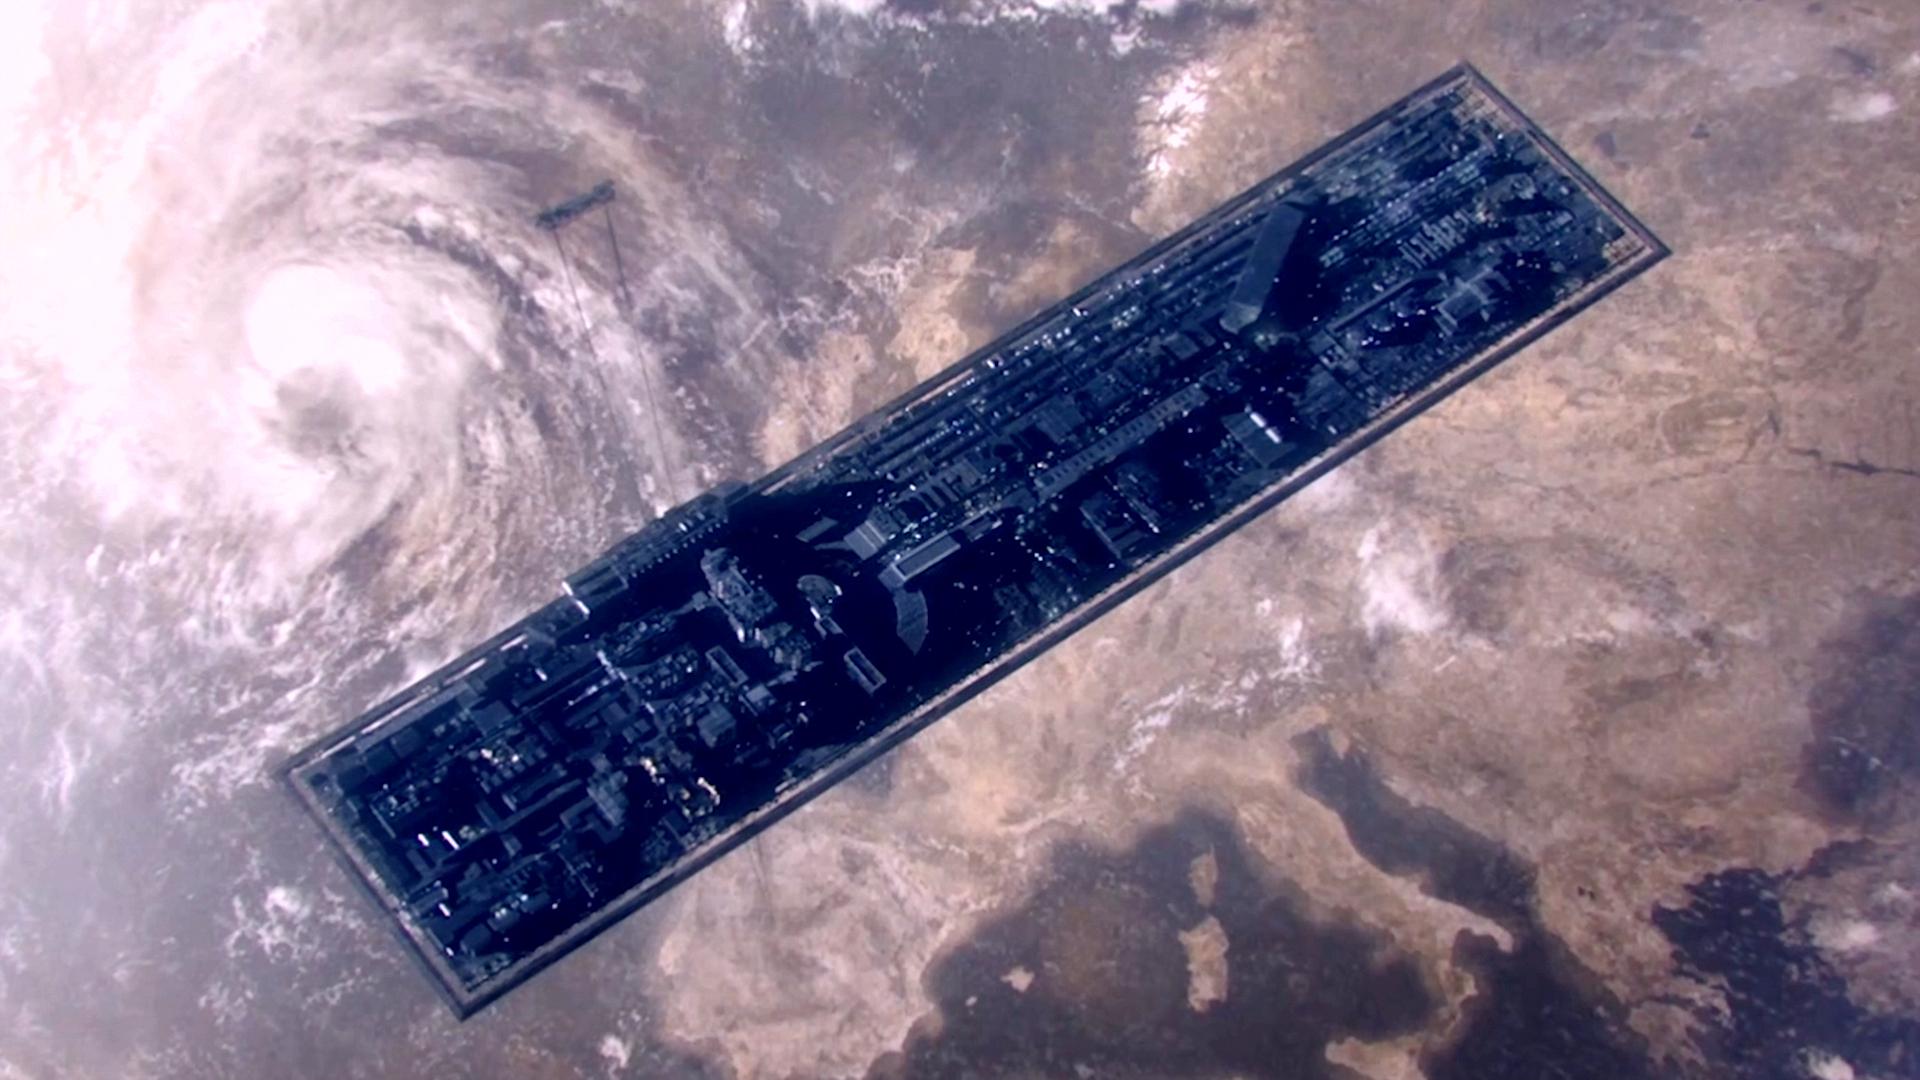 科幻片:人类乘飞船移民火星,却漂流太空590万年,最终化作尘埃